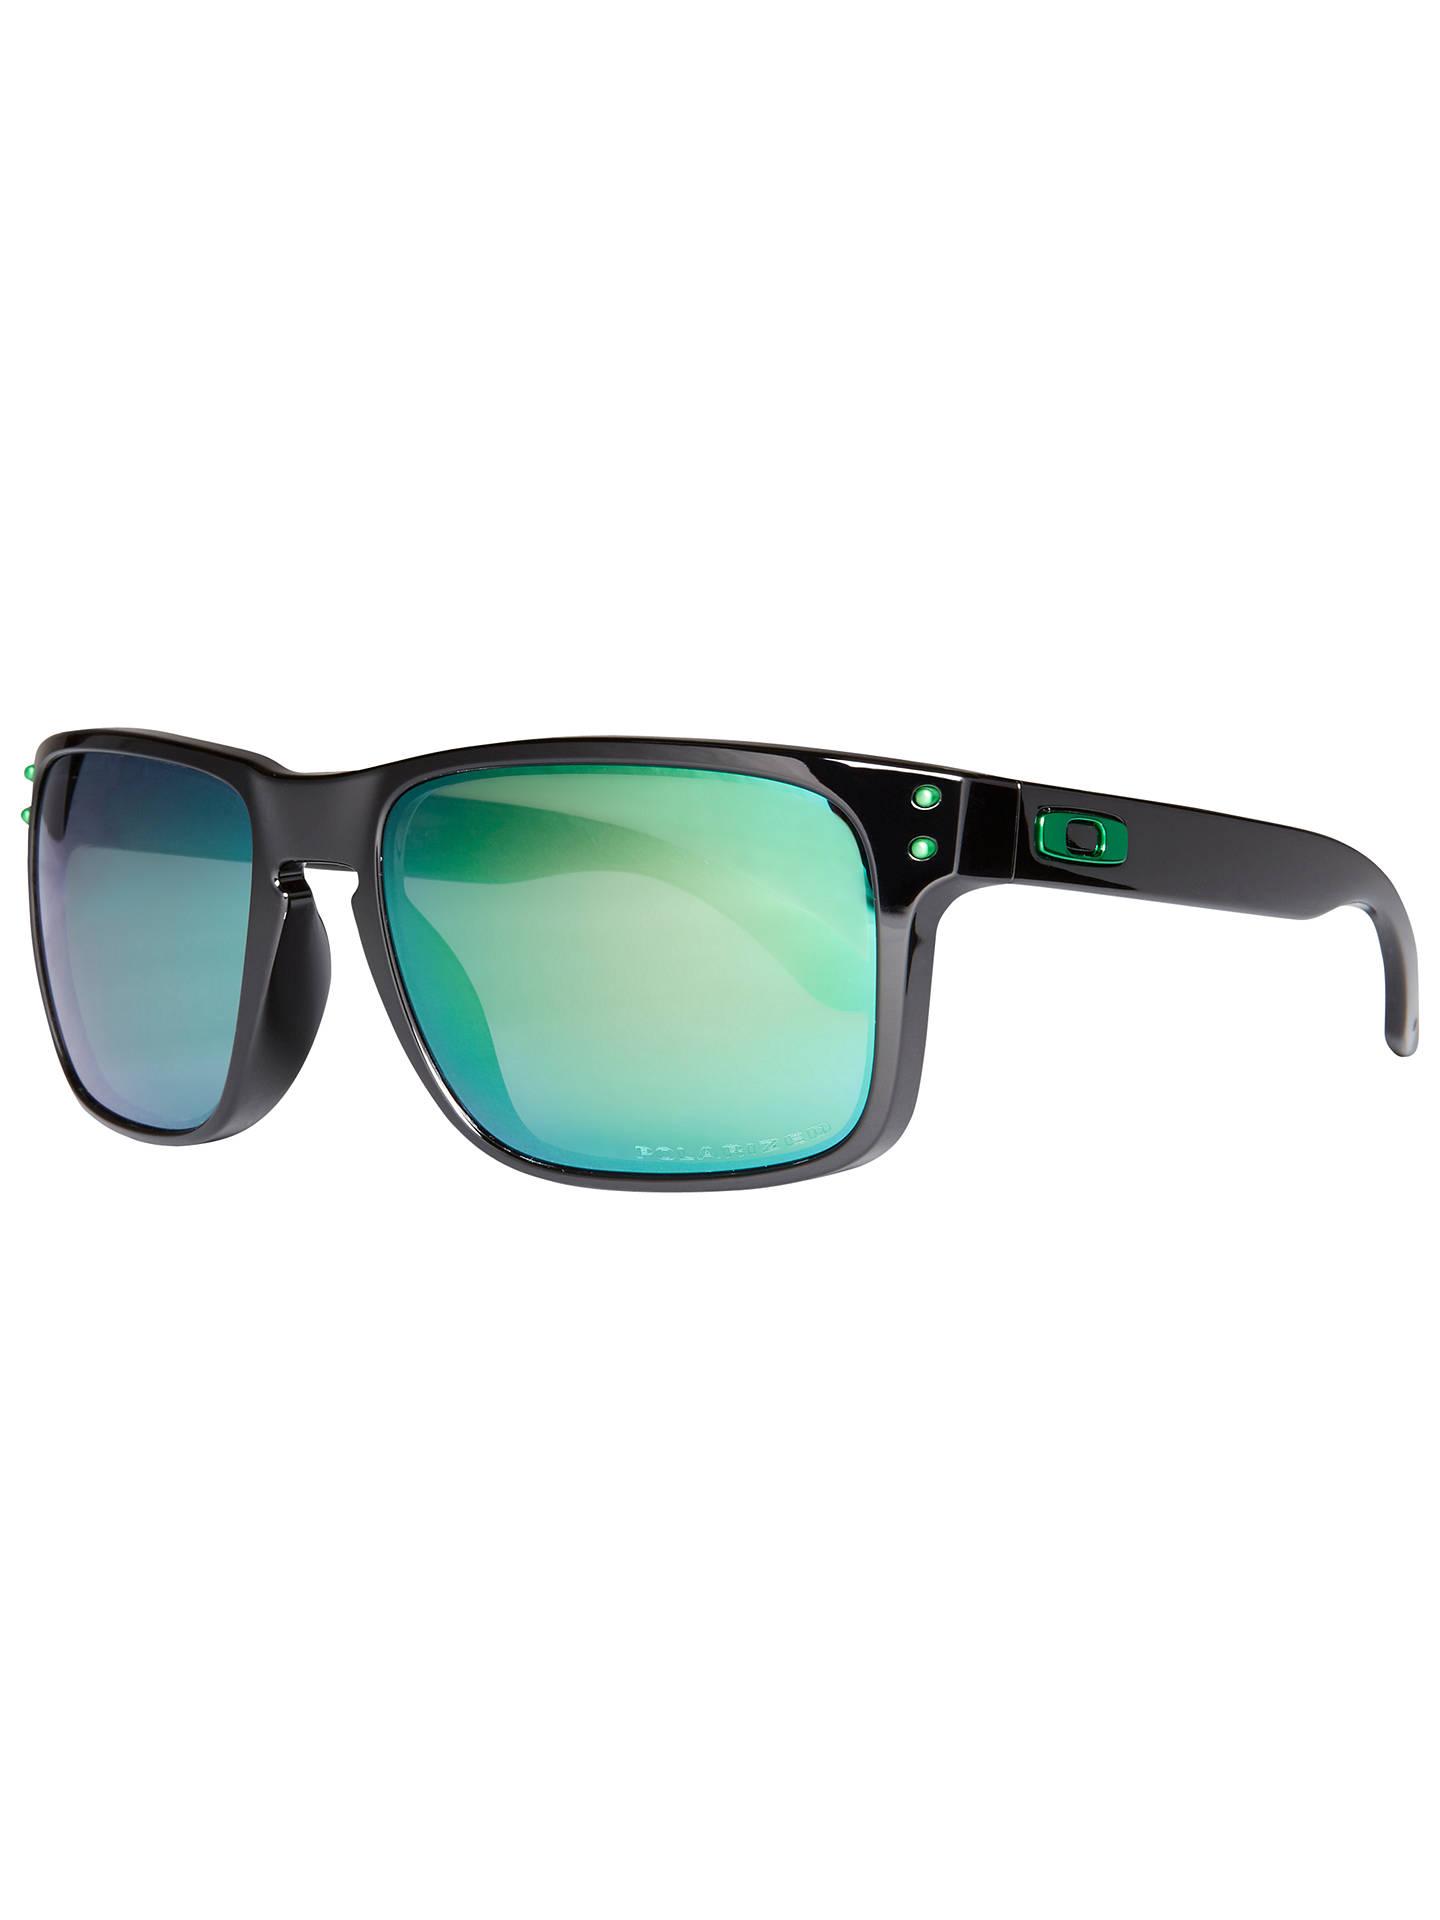 c7556927b8fa Oakley 009102 Shaun White Signature Series Holbrook Sunglasses ...